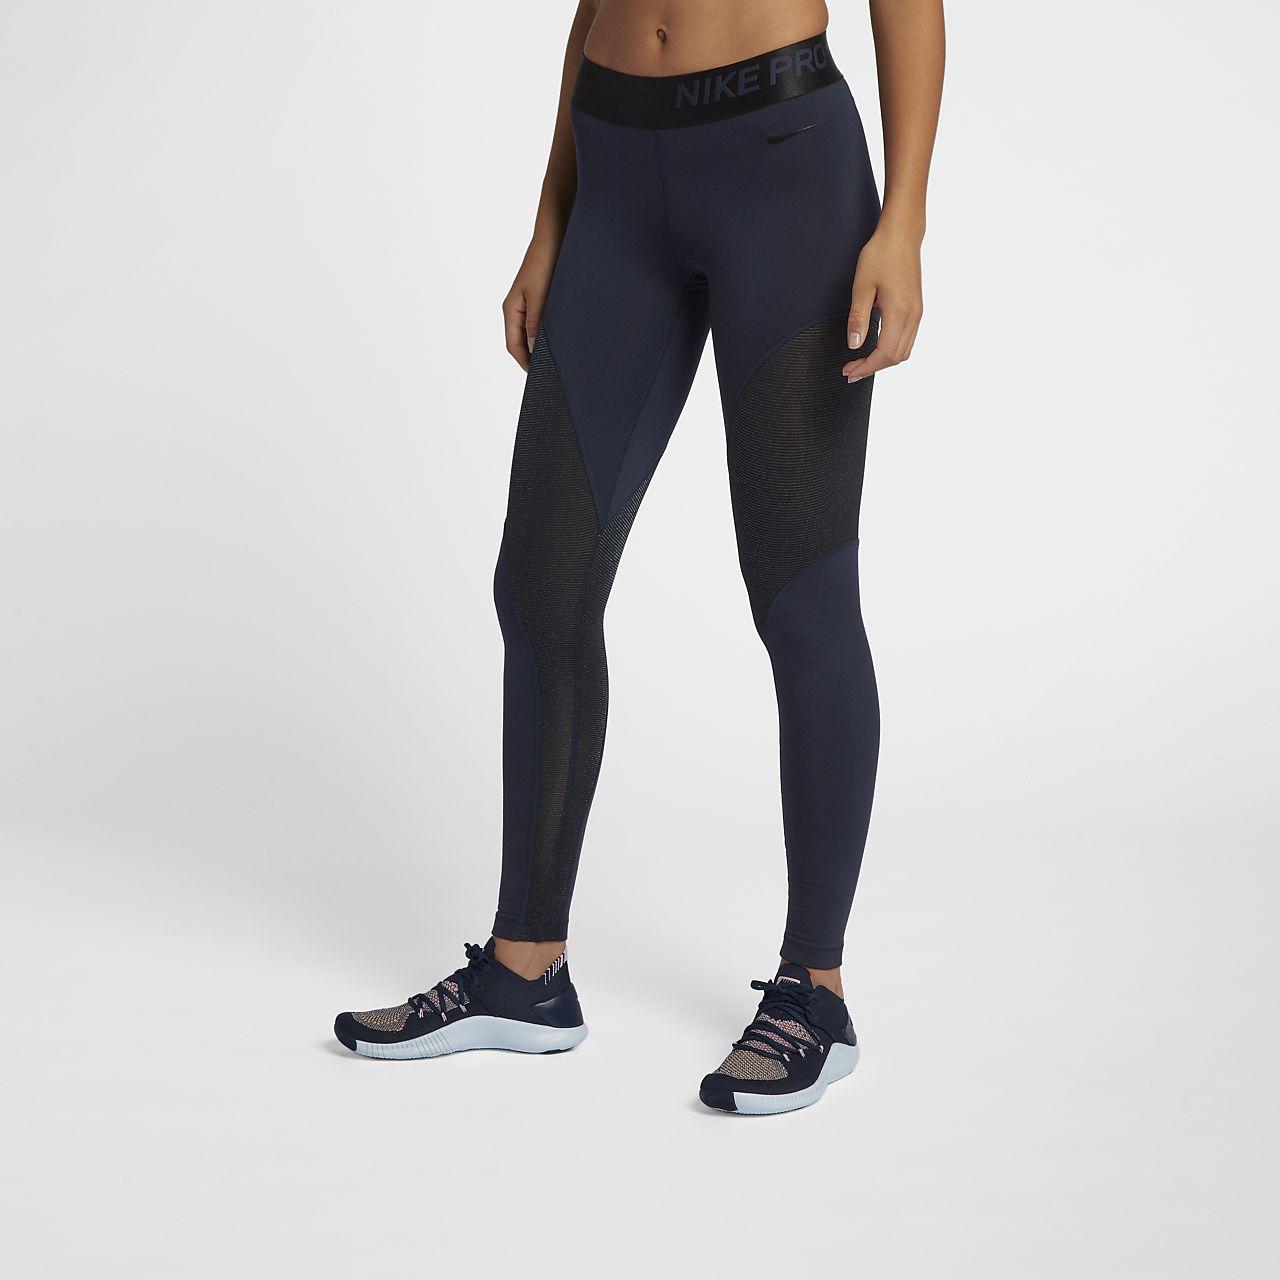 Dámské třpytivé 7 8 legíny Nike Pro Warm. Nike.com CZ e69dc08cbc